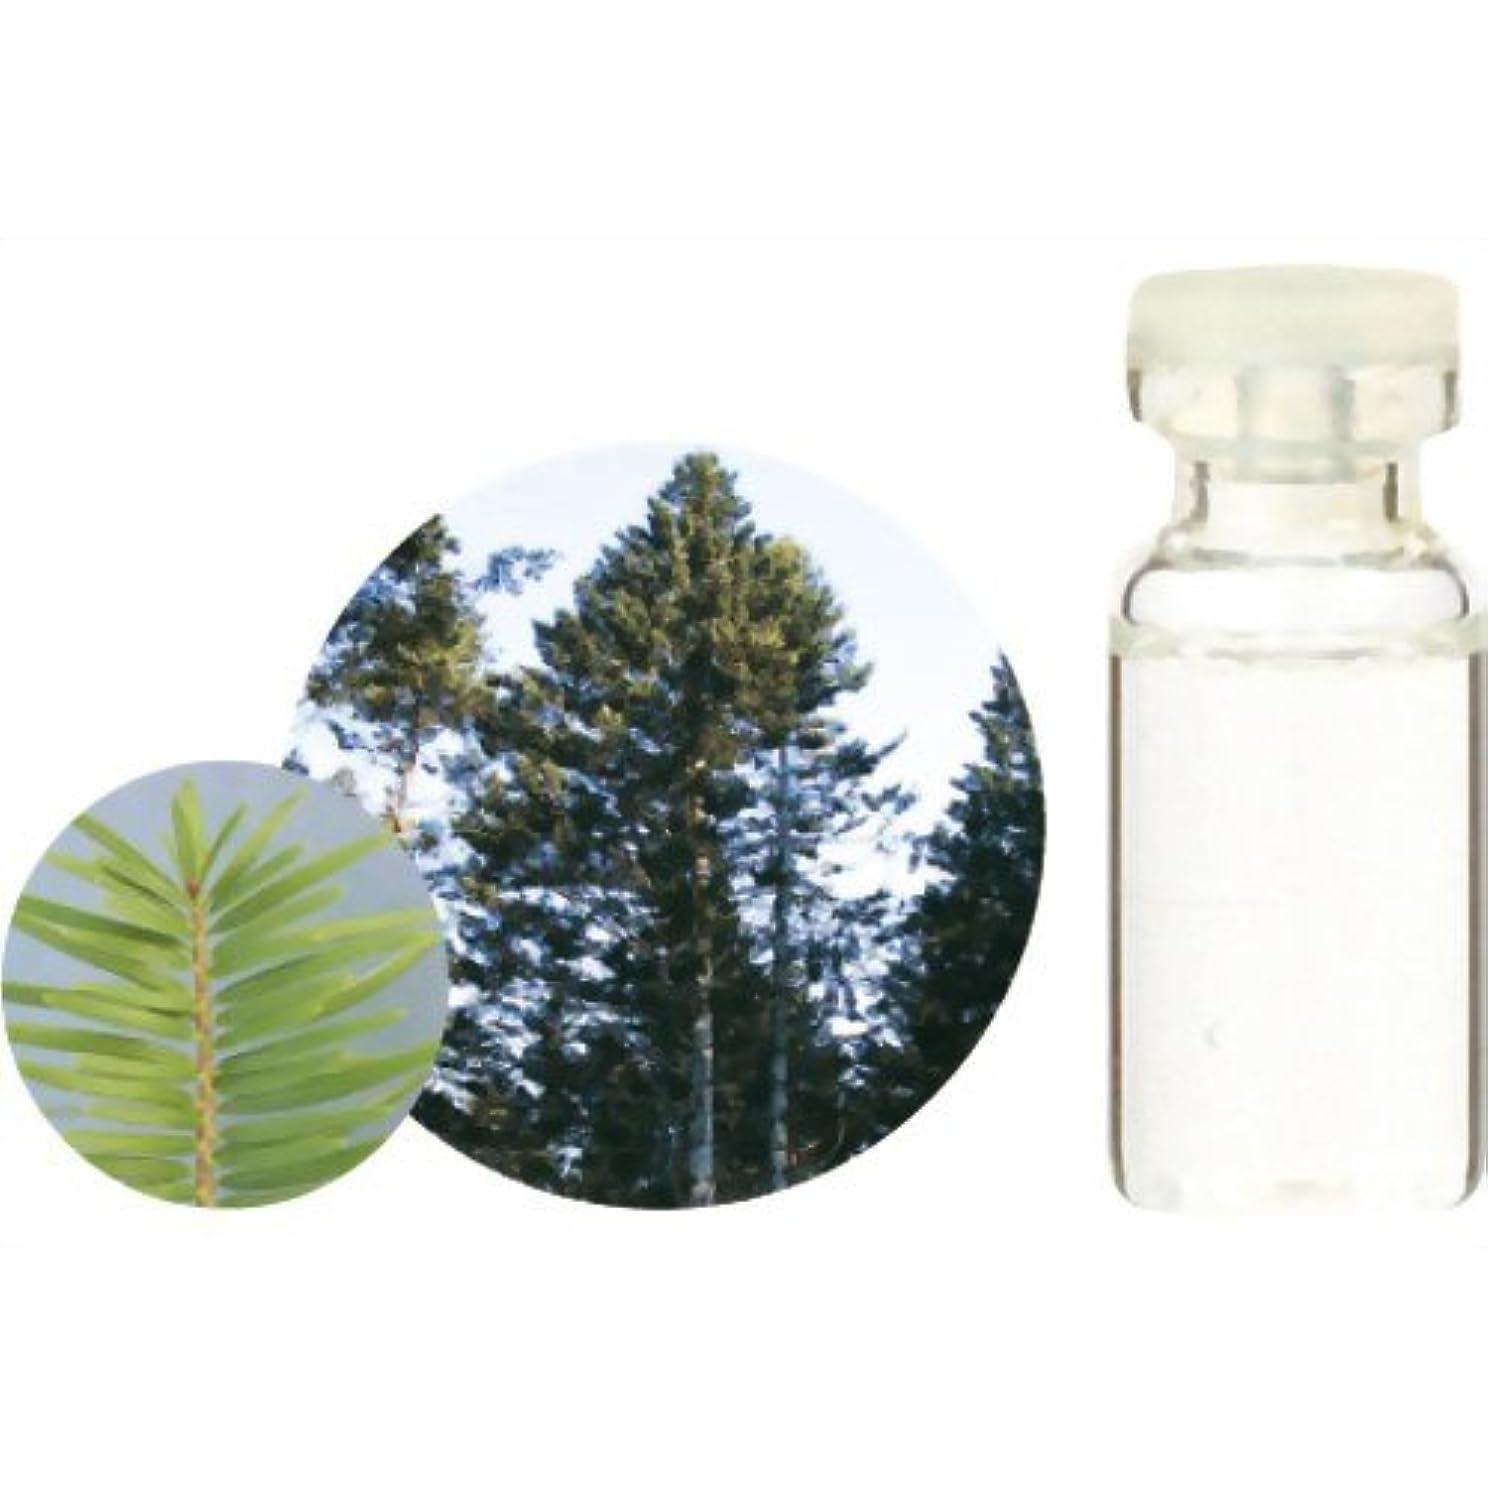 くびれた選択テンポ生活の木 C 和精油 モミ エッセンシャルオイル 3ml